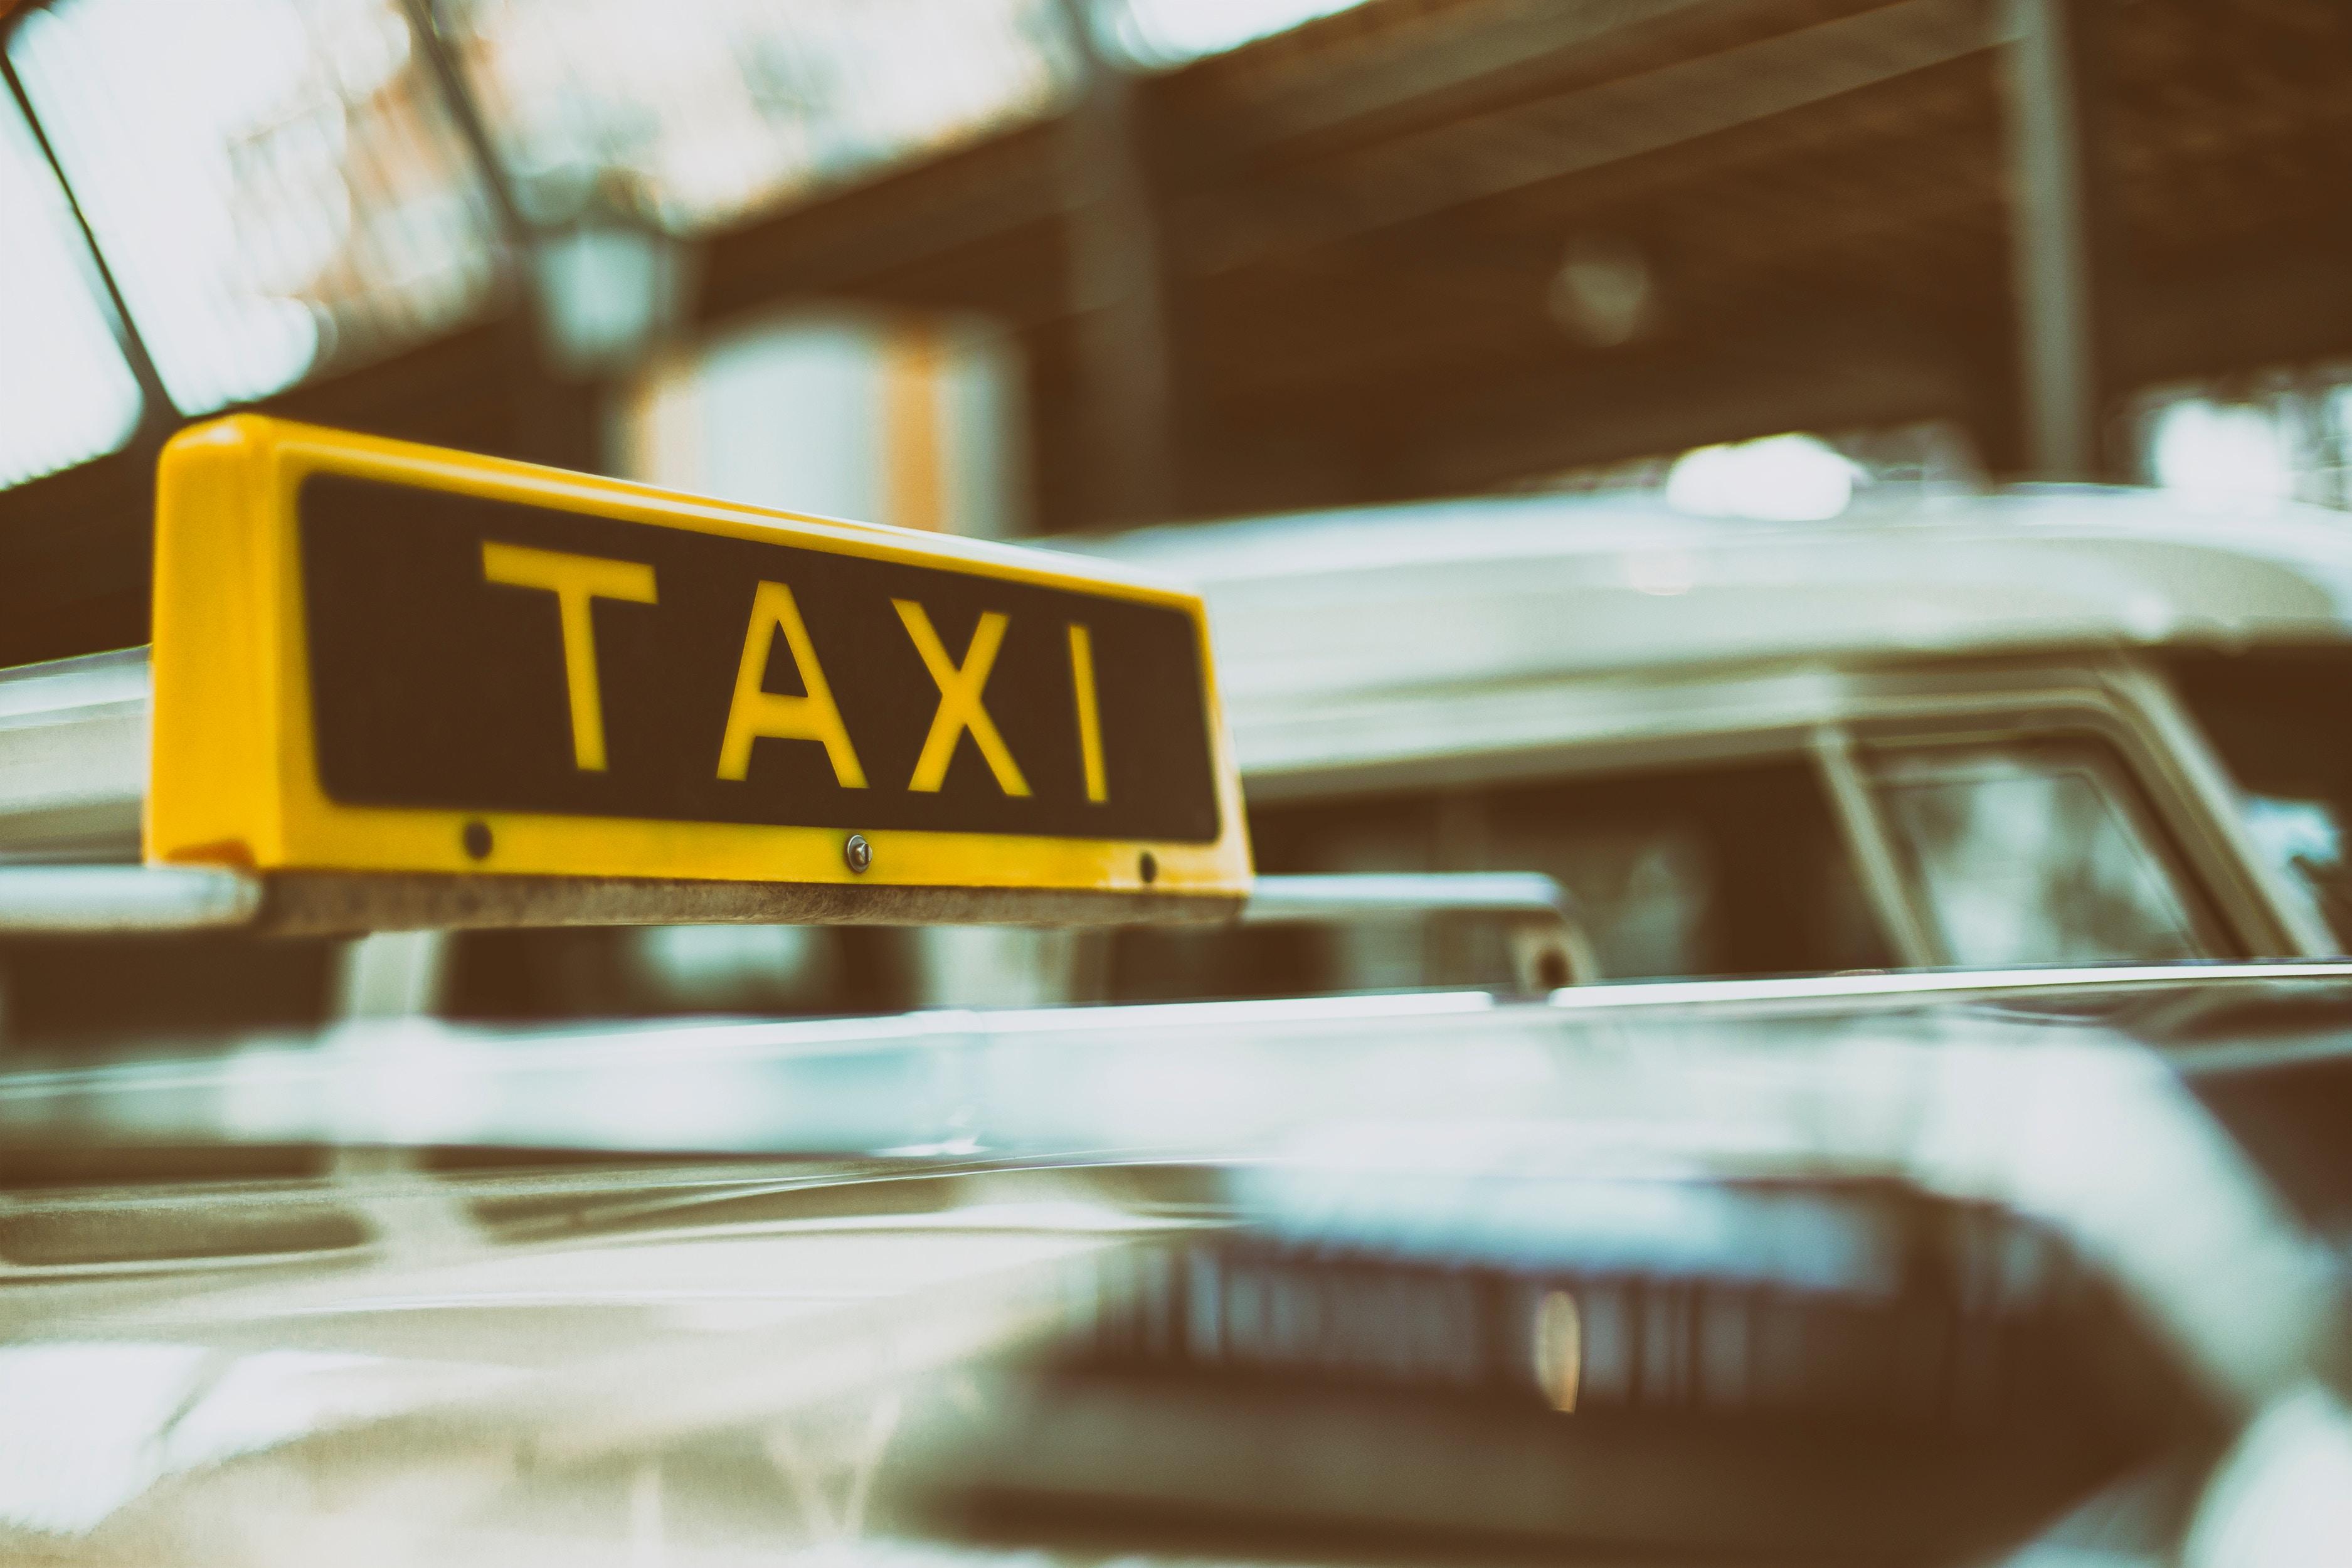 airport taxi gdansk, airport taxi gdańsk, airport transfer gdansk, bus lotnisko gdańsk, city taxi gdańsk, city tour gdansk, city tour gdańsk, driveforyou ☎ +48 518 369 629 ☎ gdansk aiport transfer, gdansk airport taxi, gdansk airport taxi, gdansk airport transfer, gdańsk airpot transfer, przewóz osób gdańsk, taxi gdansk flyplass, taxi gdańsk lotnisko, taxi lotnisko gdańsk, vip taxi gdańsk, vip transport gdańsk, vip transport,